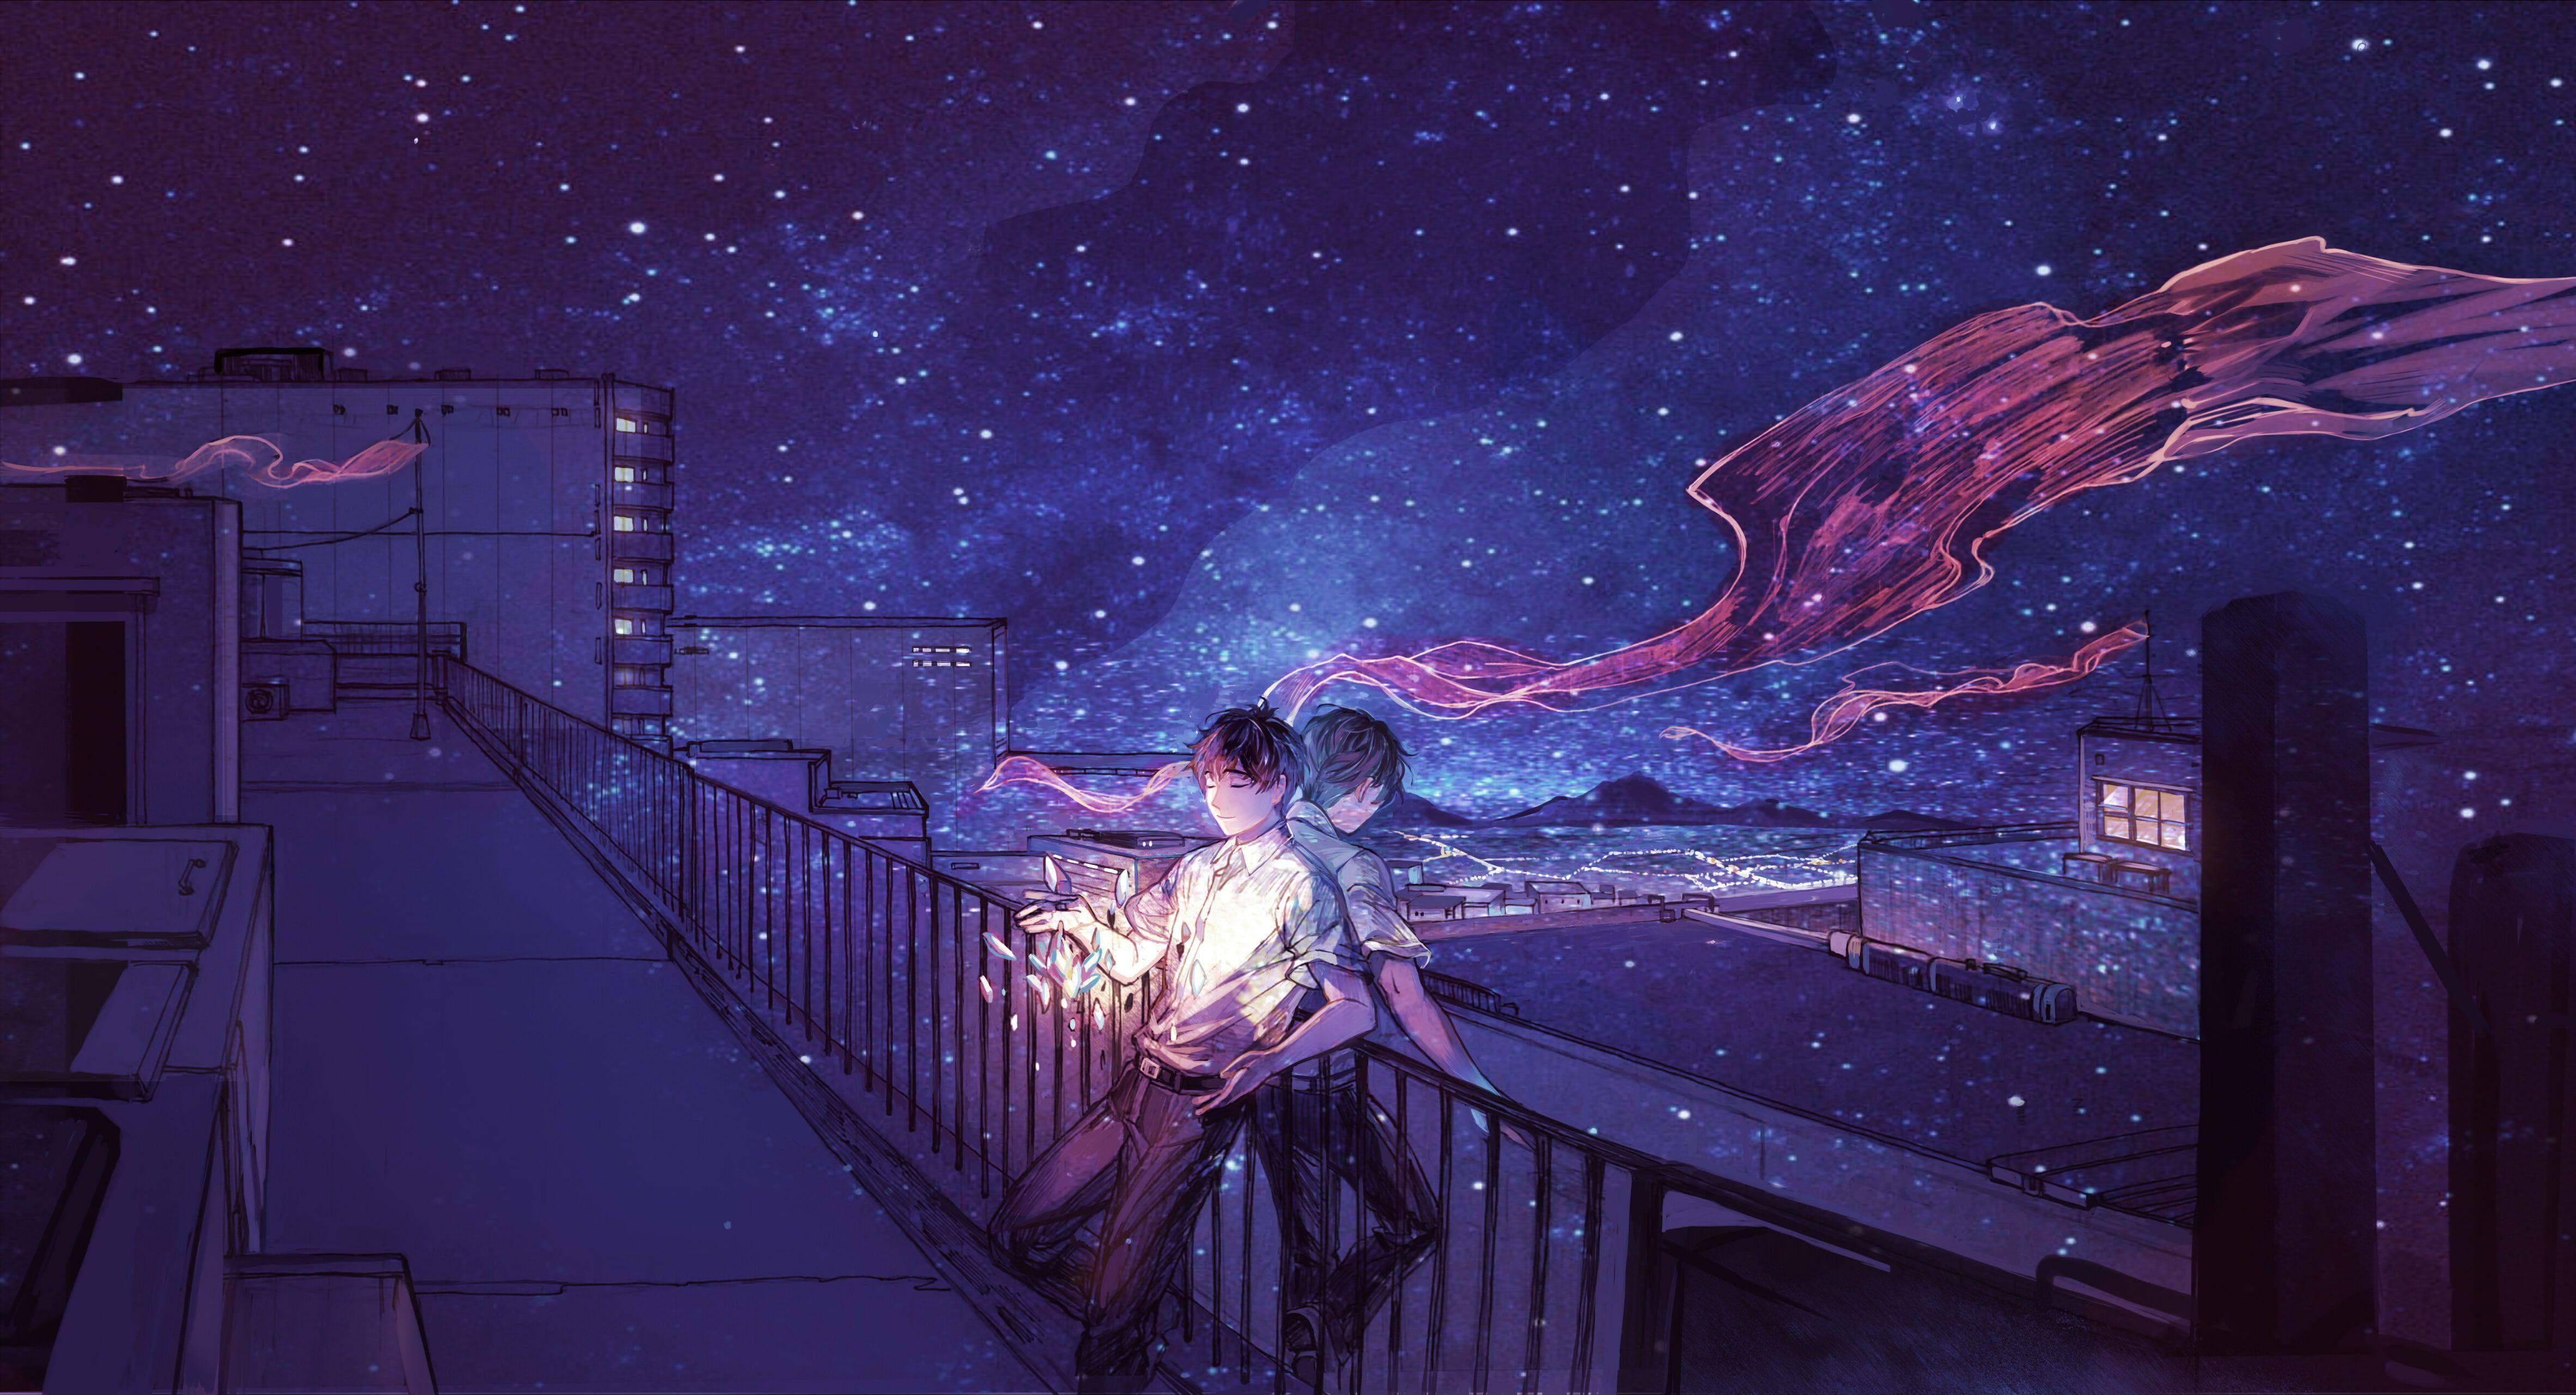 4K Youth Anime 4K wallpaper hdwallpaper desktop